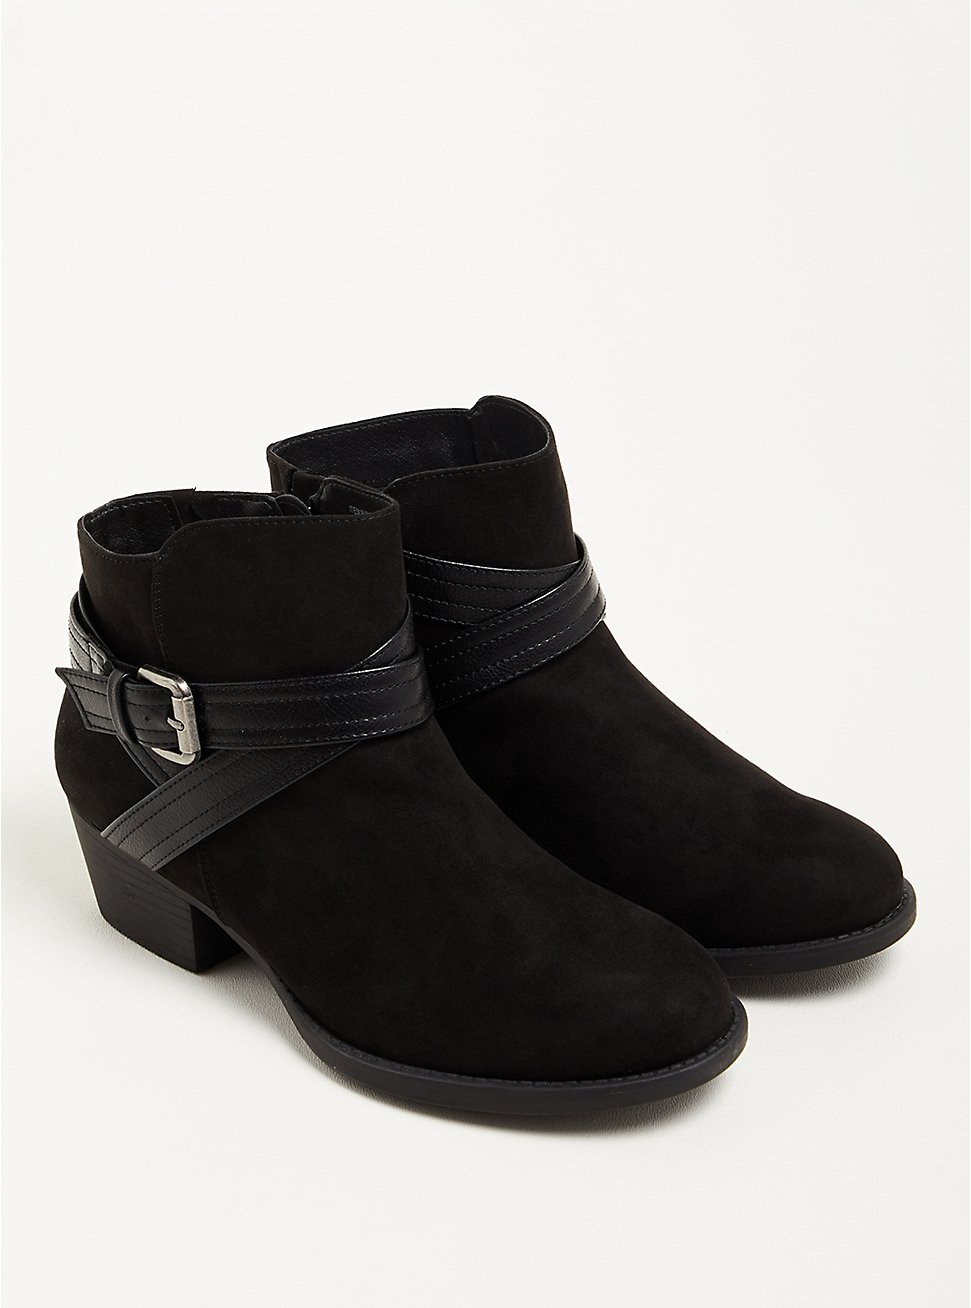 Plus Size Double Strap Ankle Bootie - Black Faux Suede (WW), BLACK, hi-res